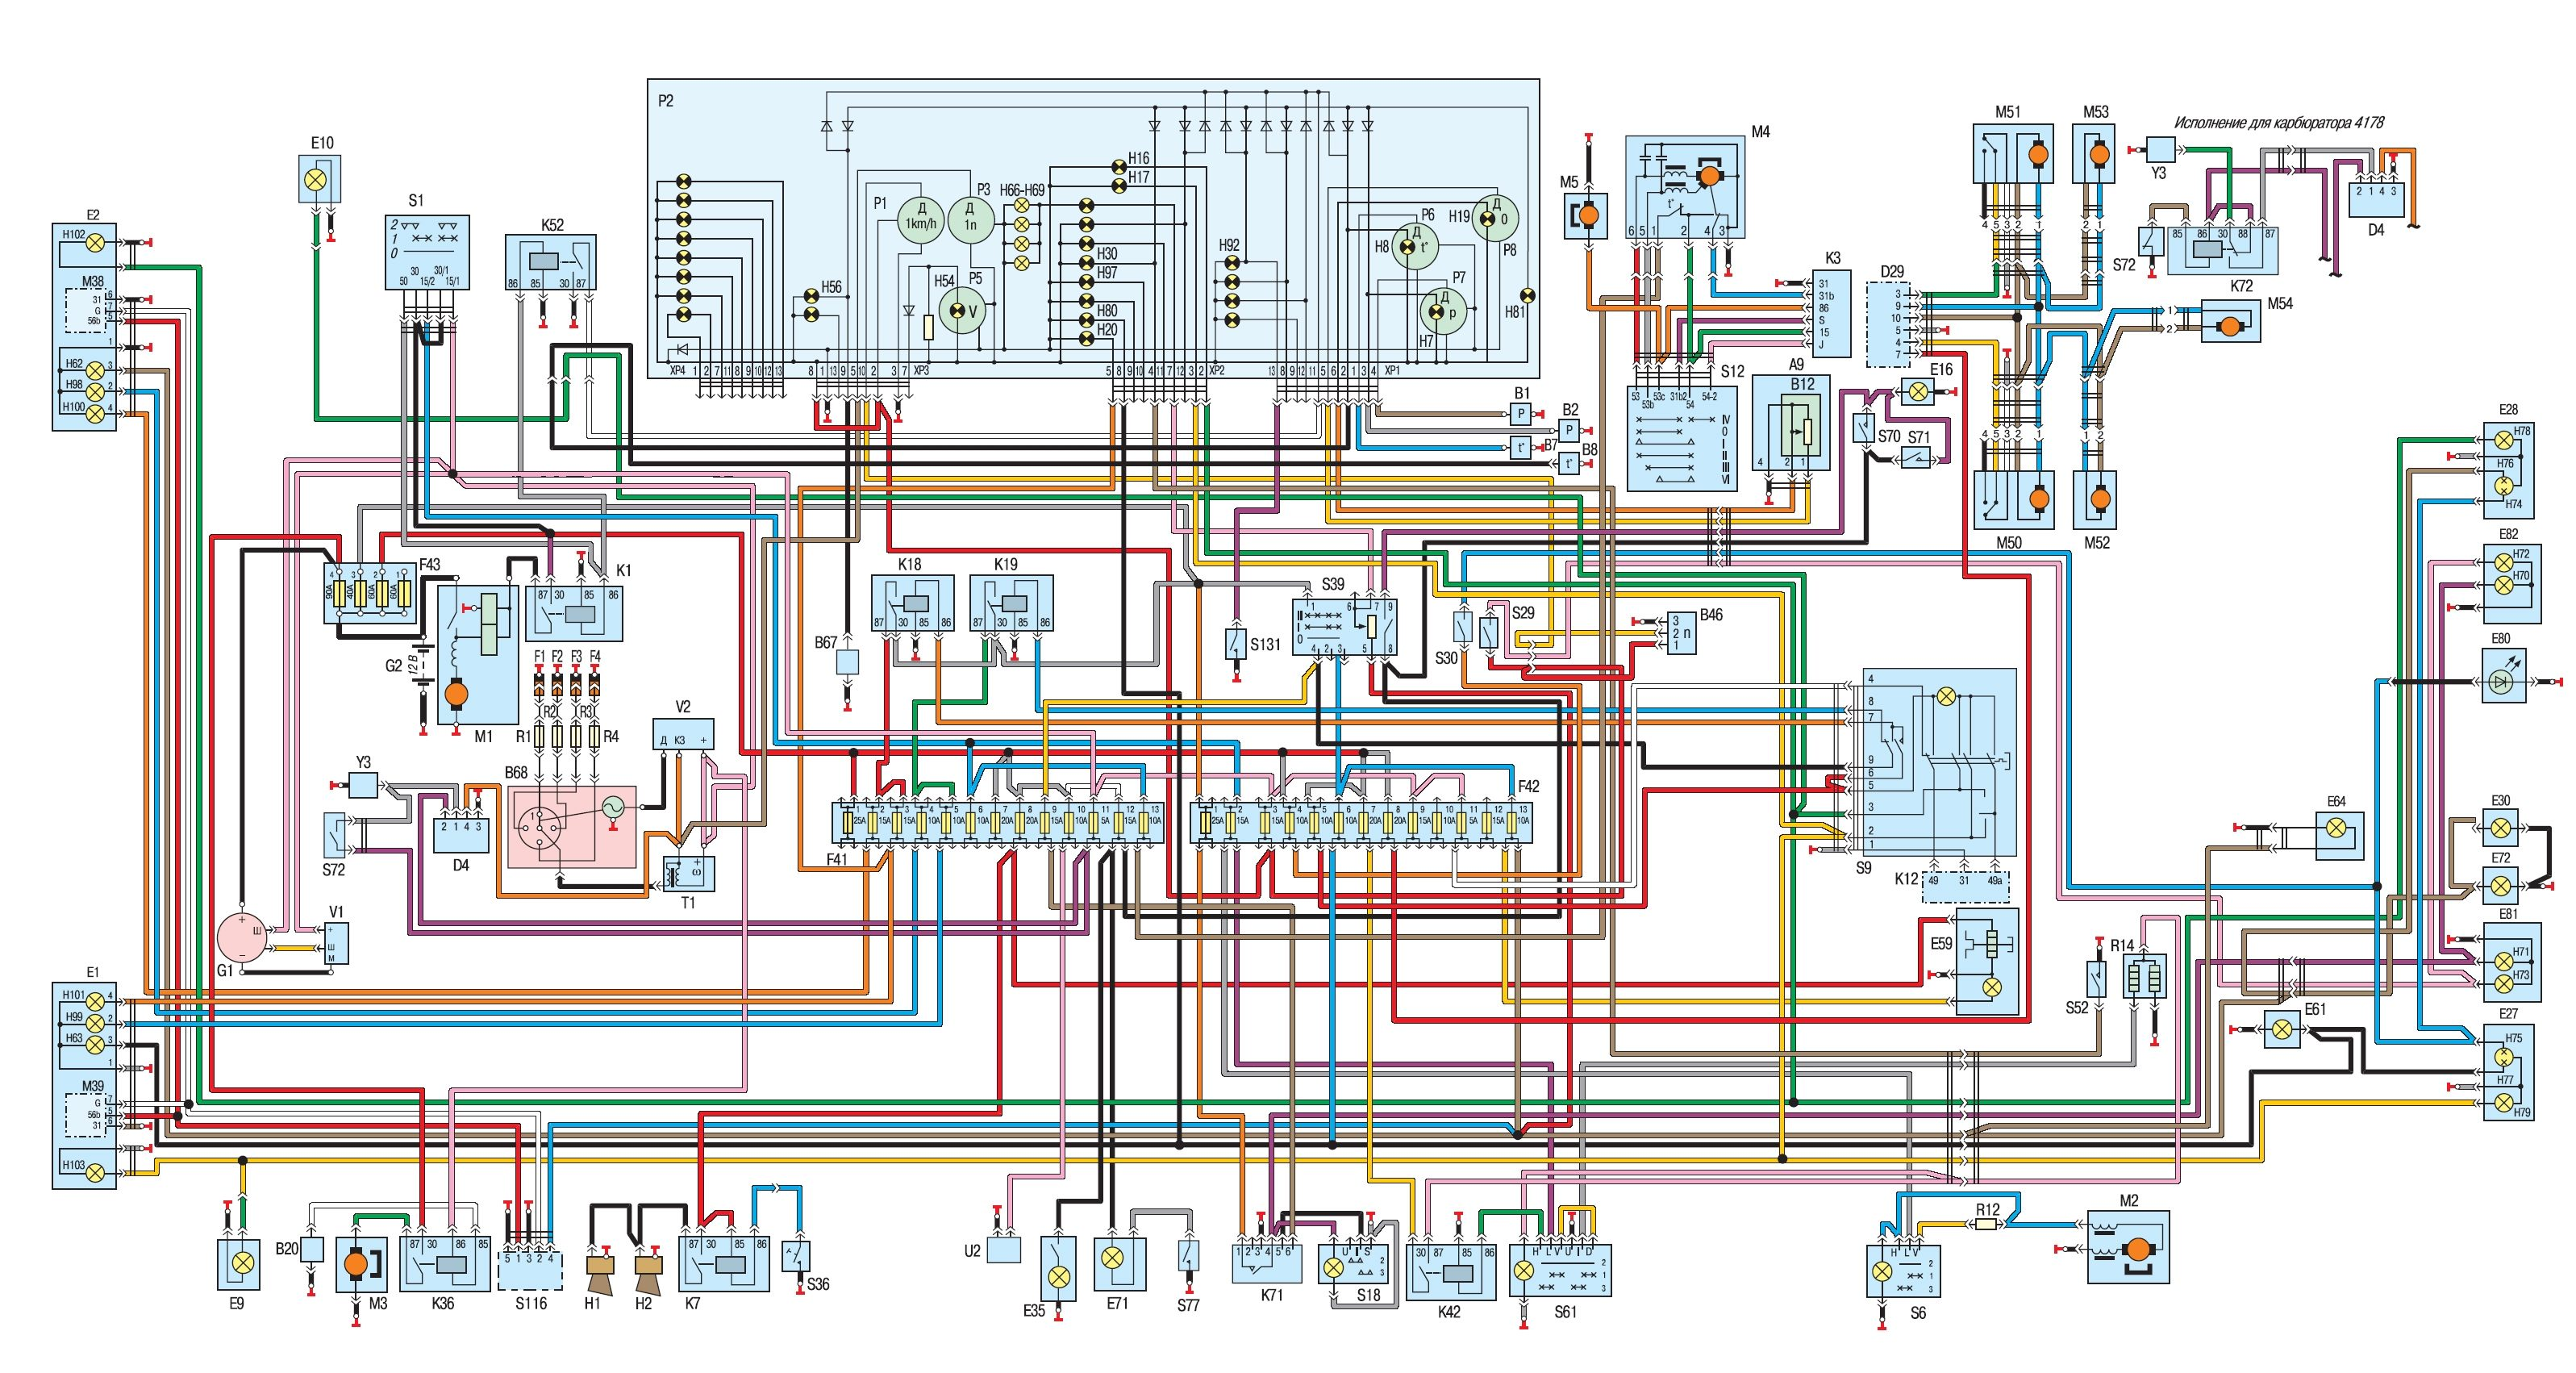 электрическая схема газель с контроллером микас 7.1